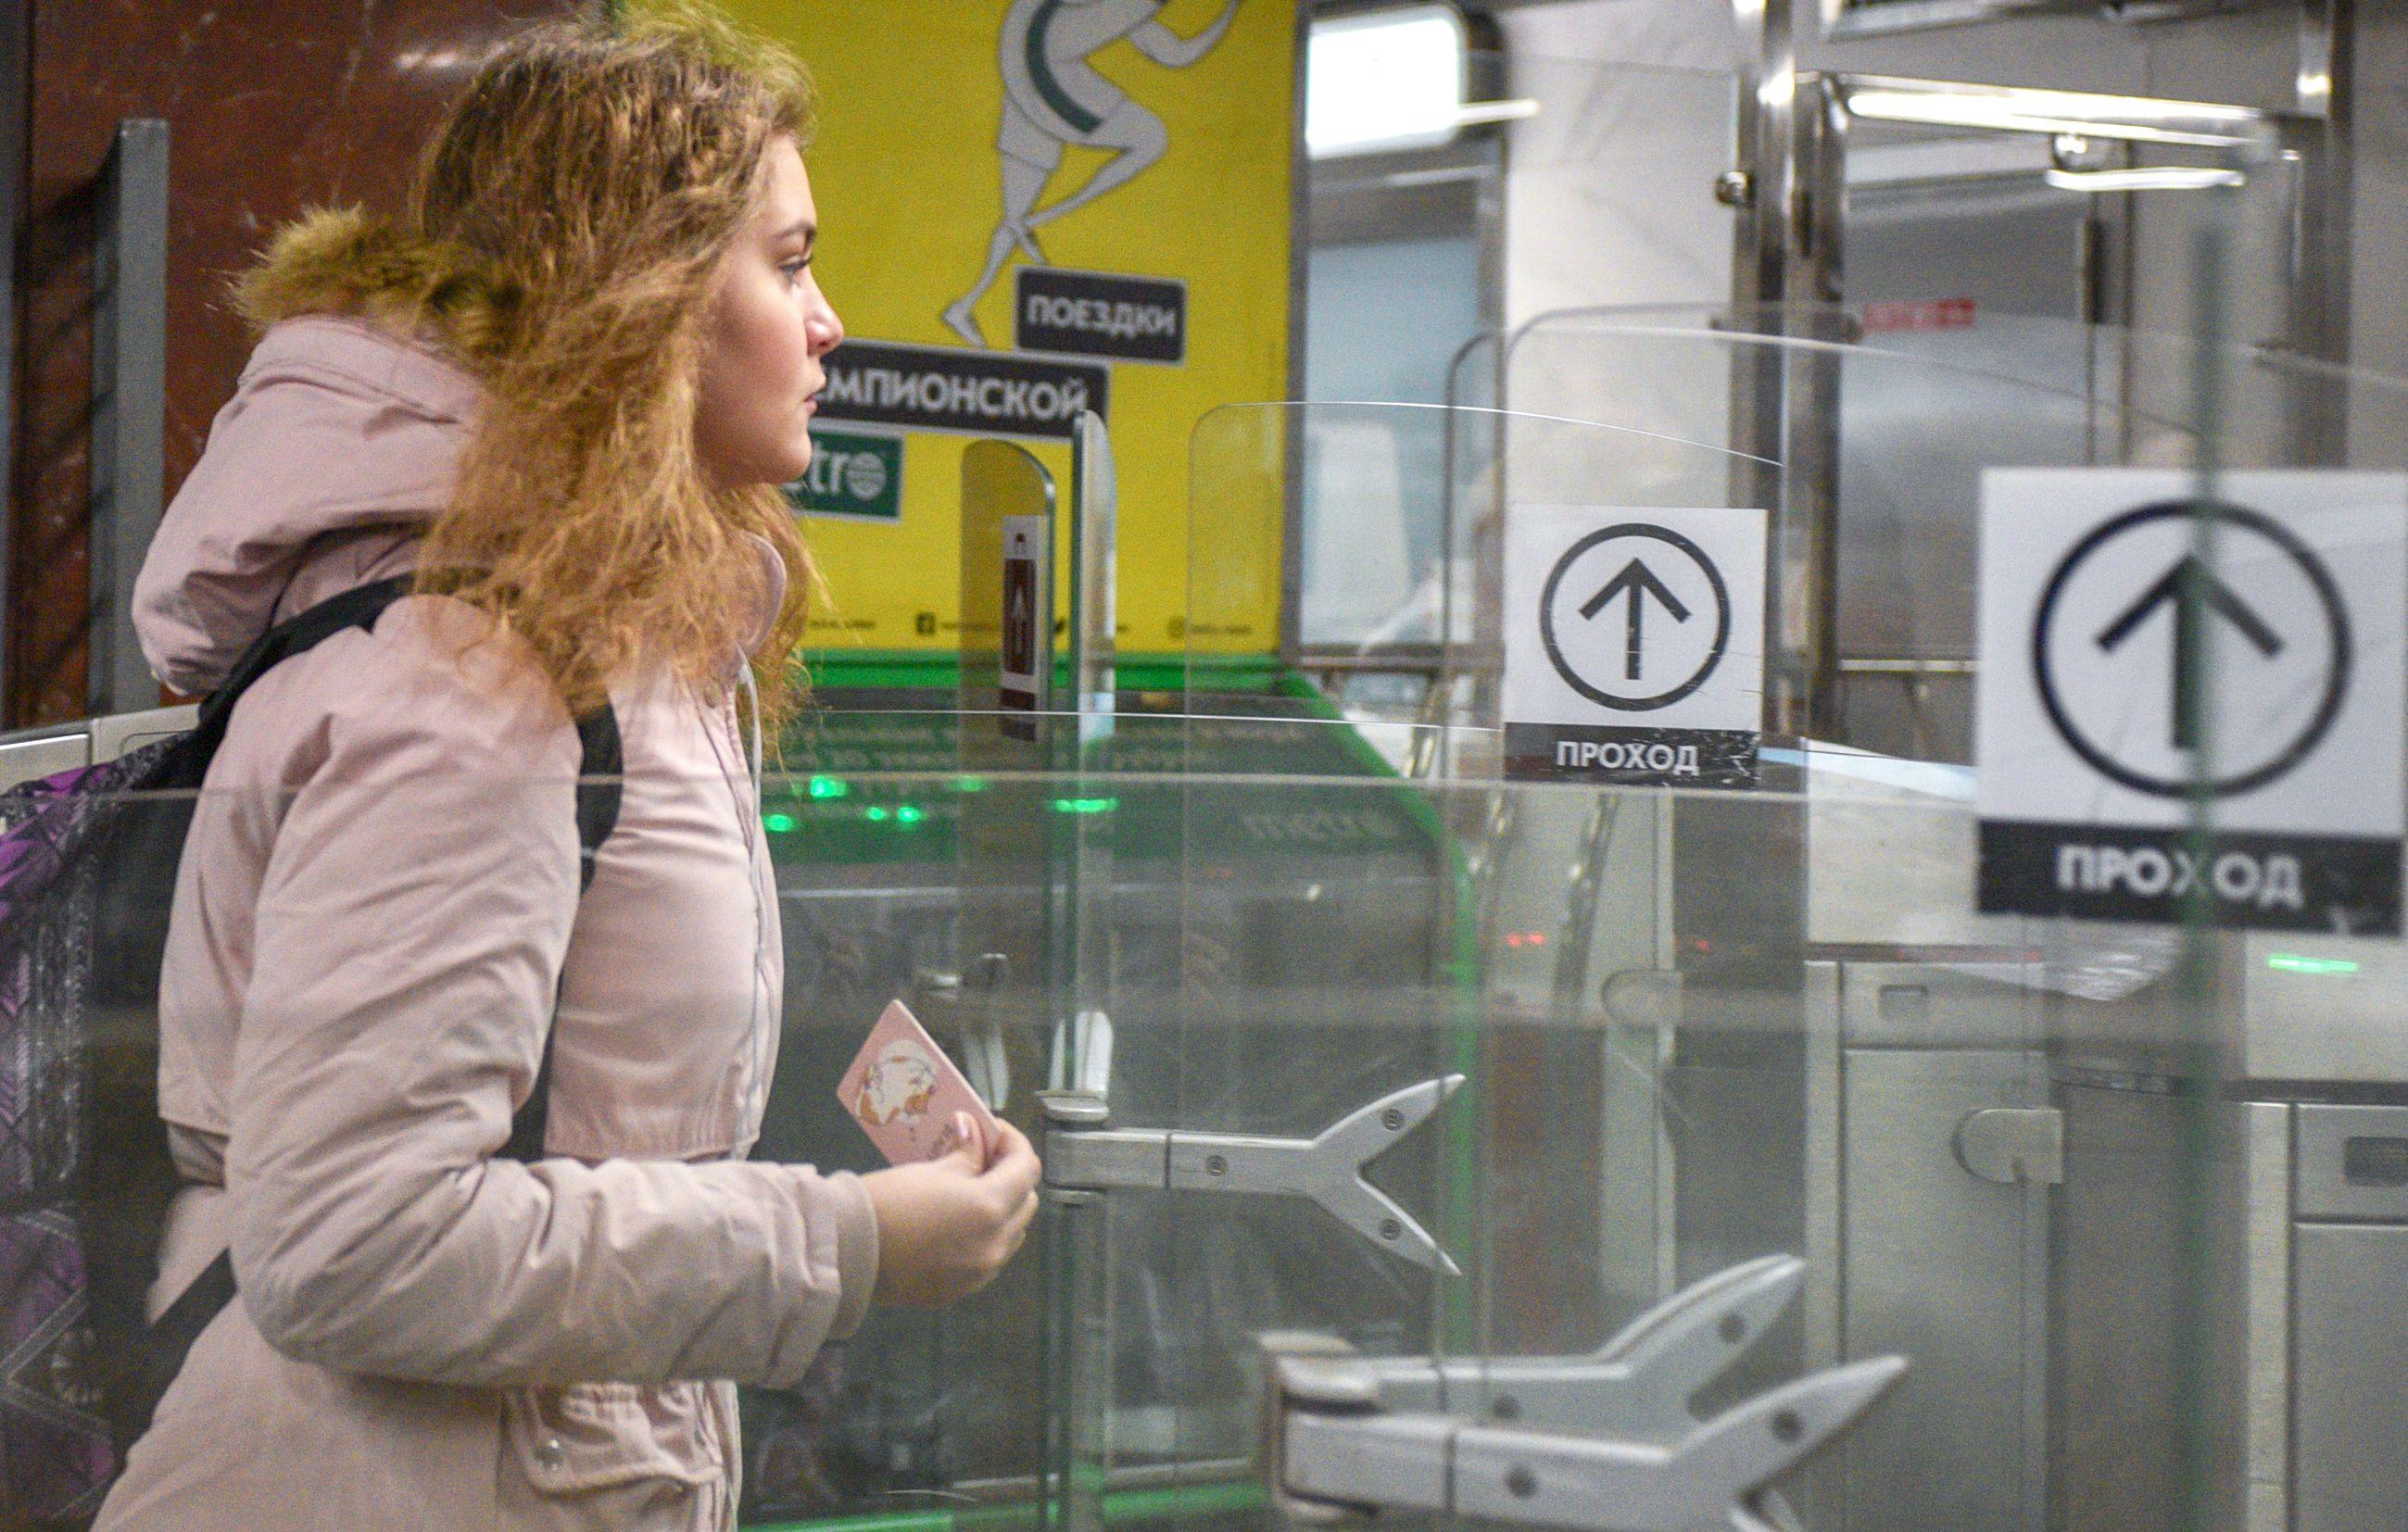 Проверка пропусков в метро Москвы станет автоматической